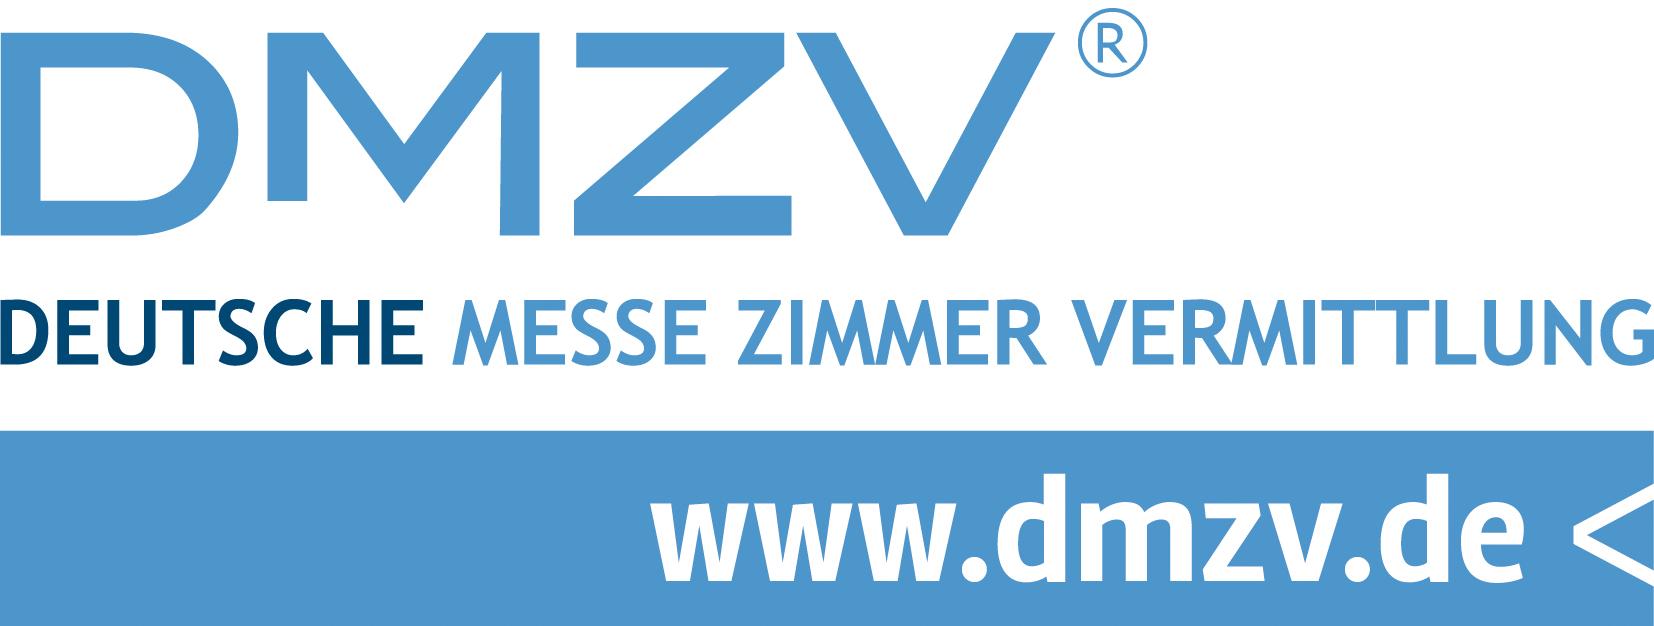 DMZV - Deutsche Messe Zimmer Vermittlung